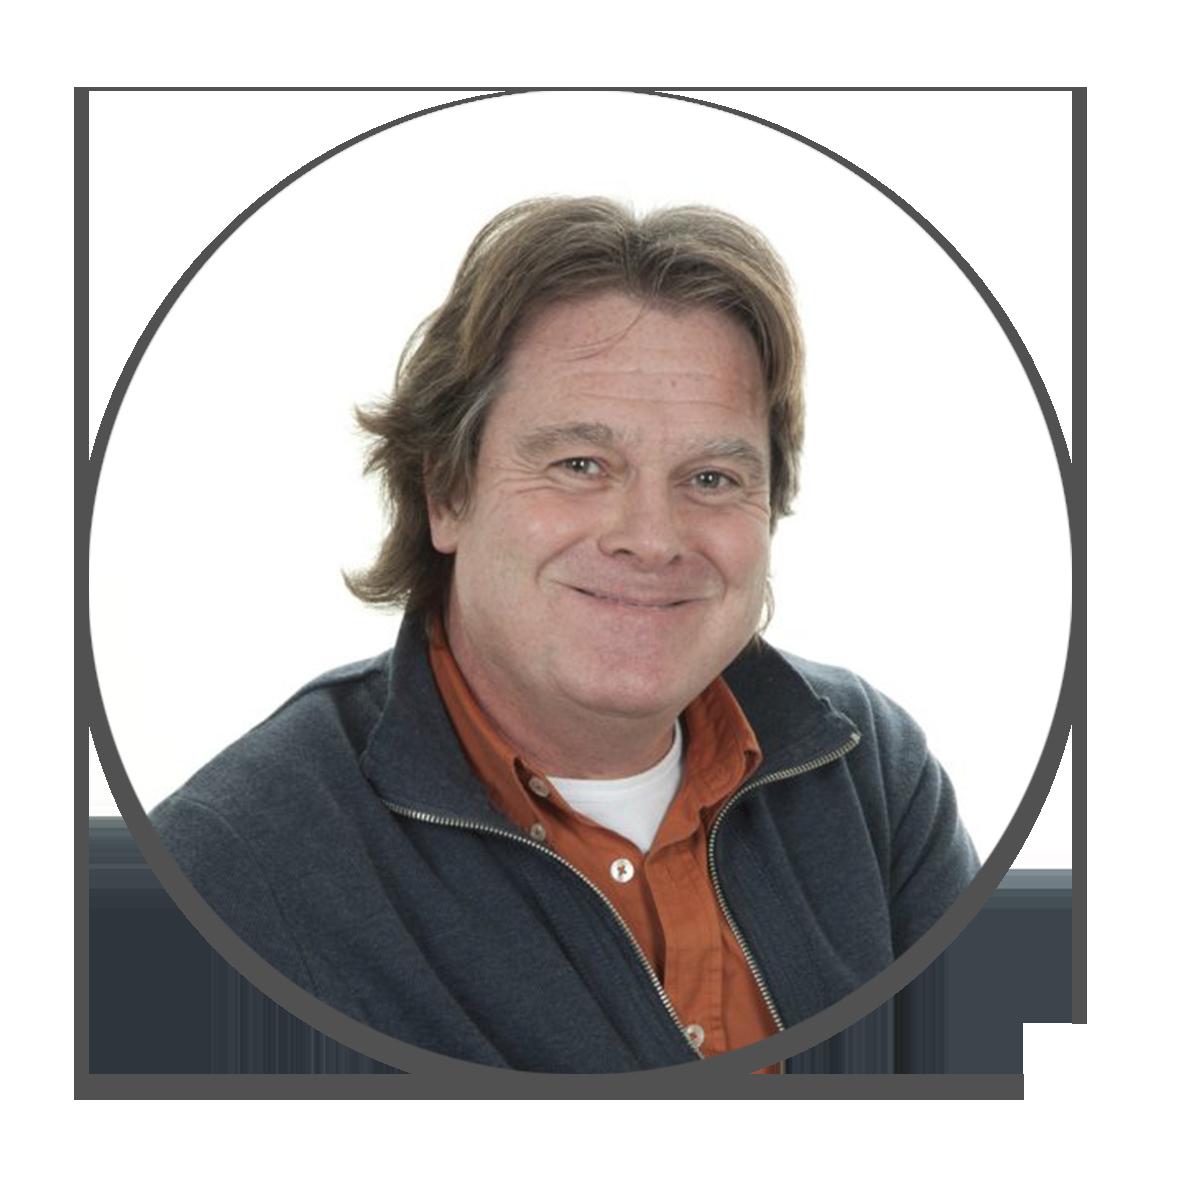 Jan van den Eertweegh DTS ACtief